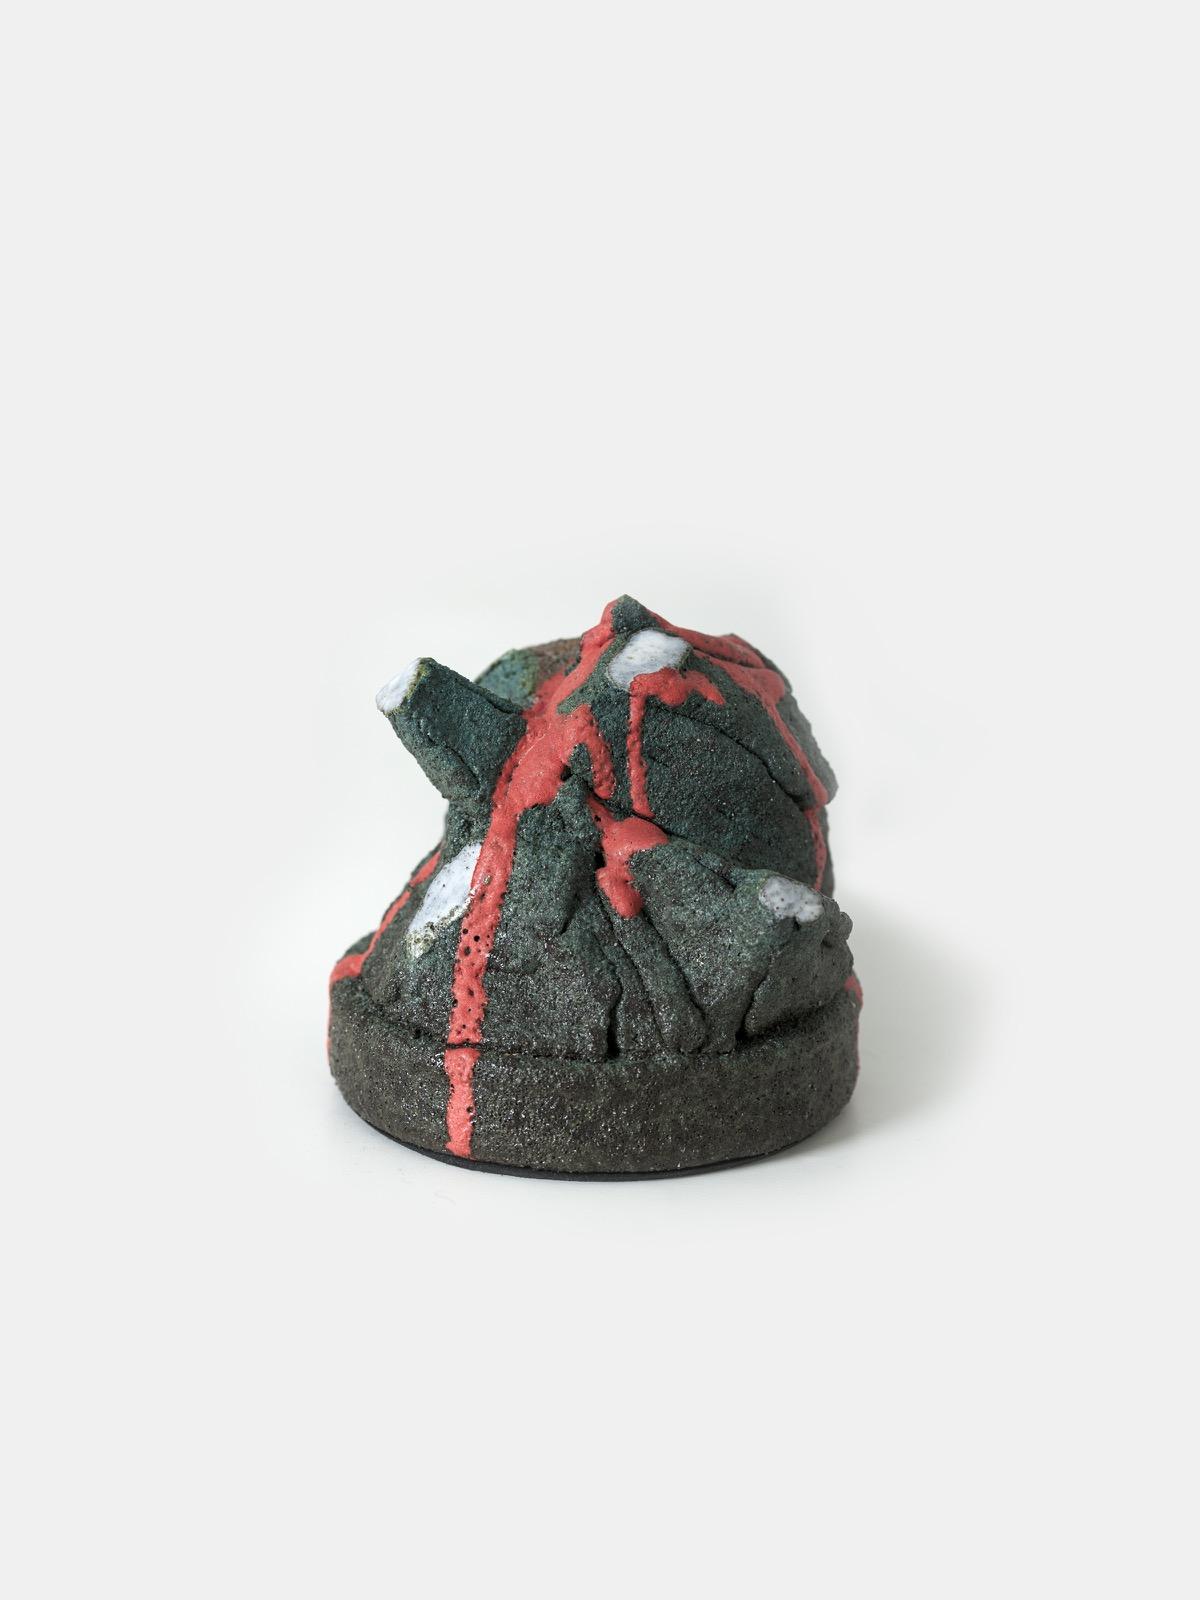 airbag craftworks  vinyl puck - david rauer | 004